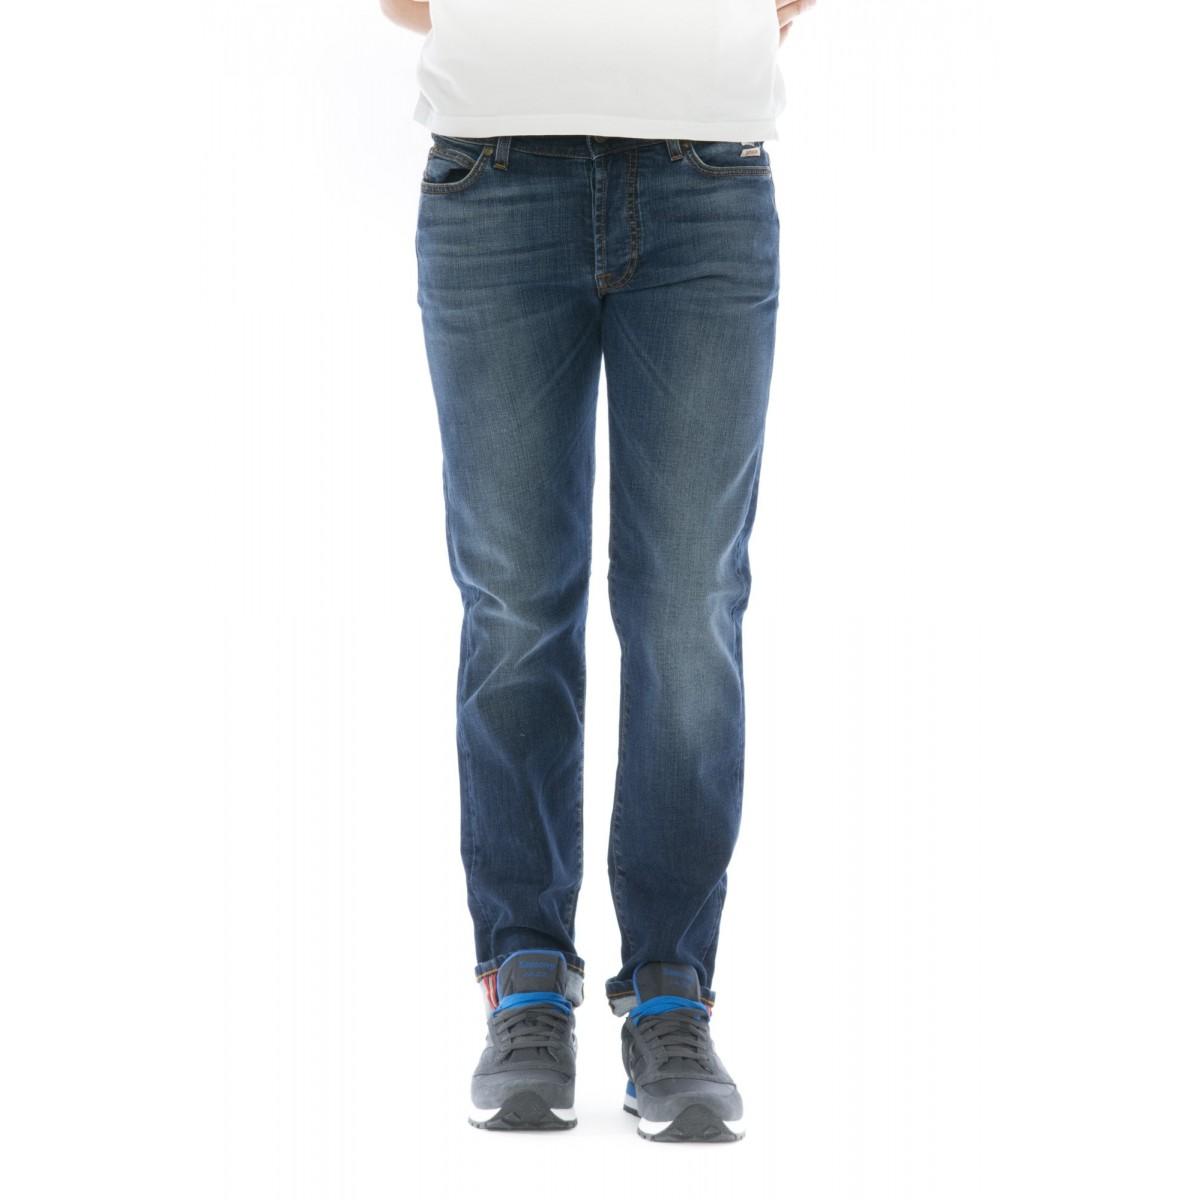 Jeans - Pf18 carlin